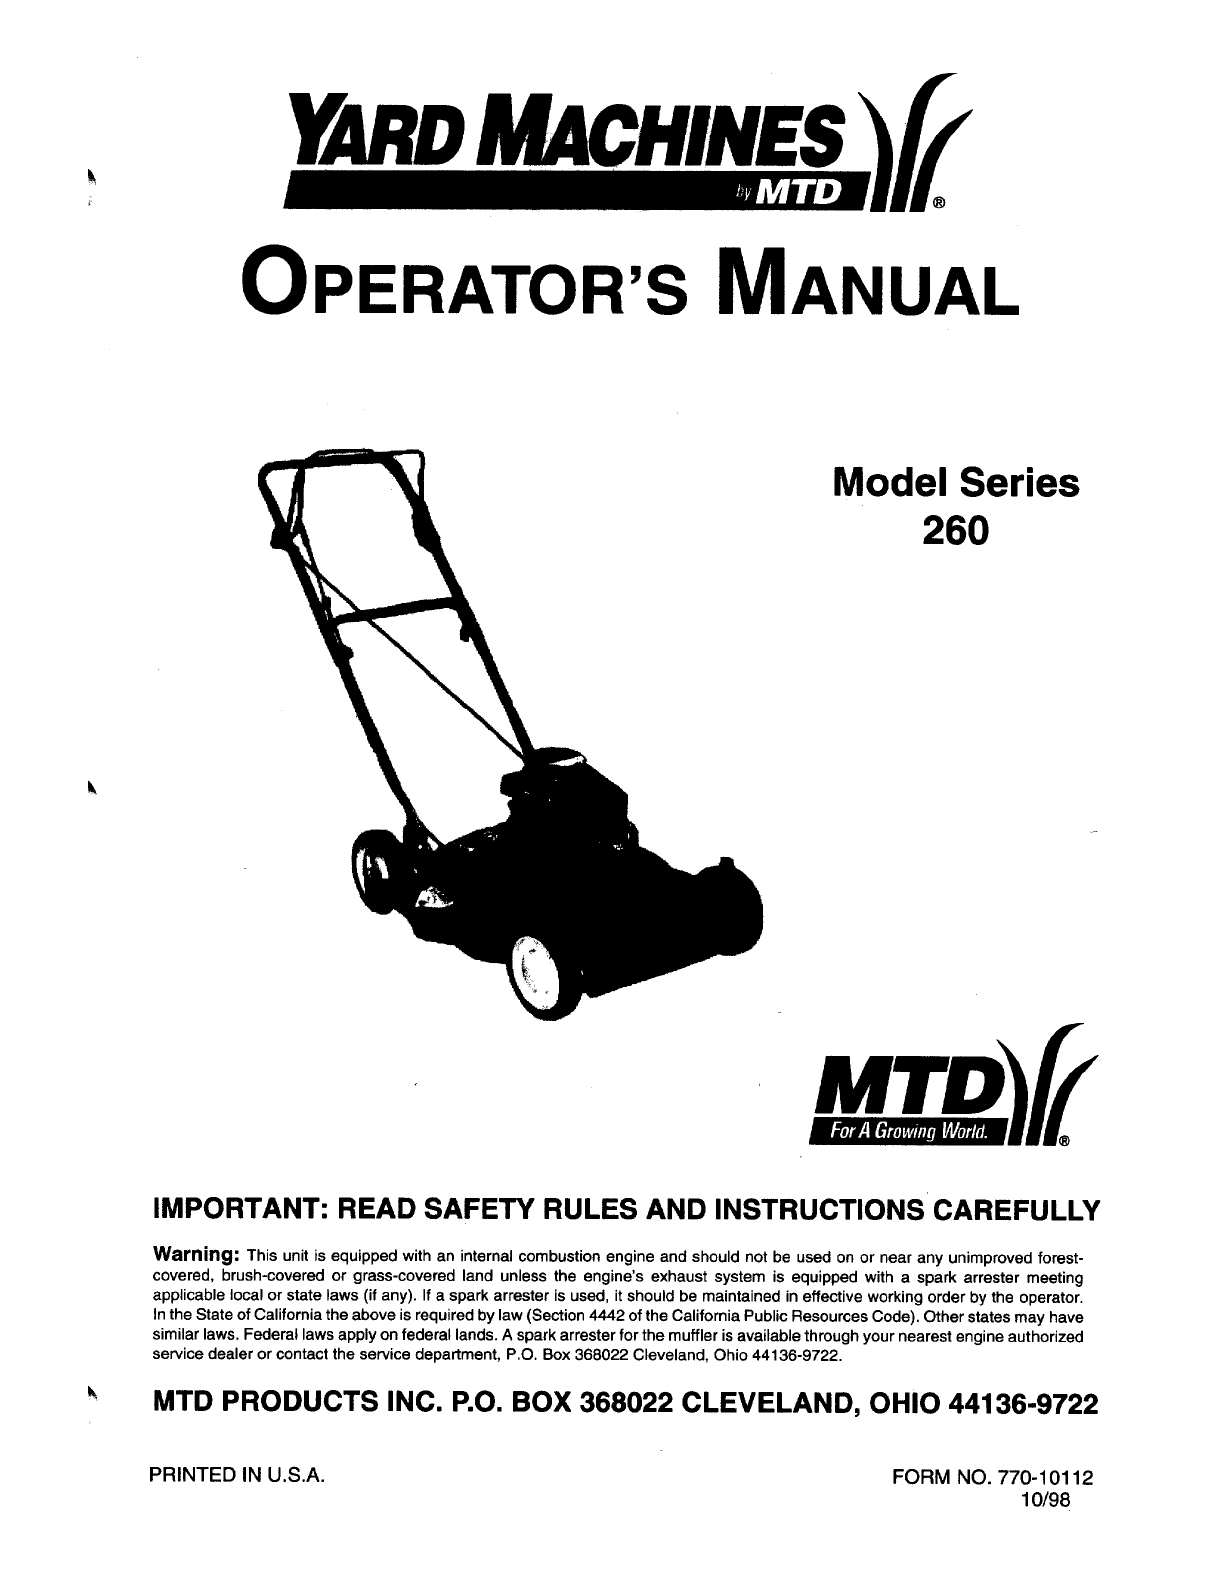 Mtd Yard Machines Manual Guide